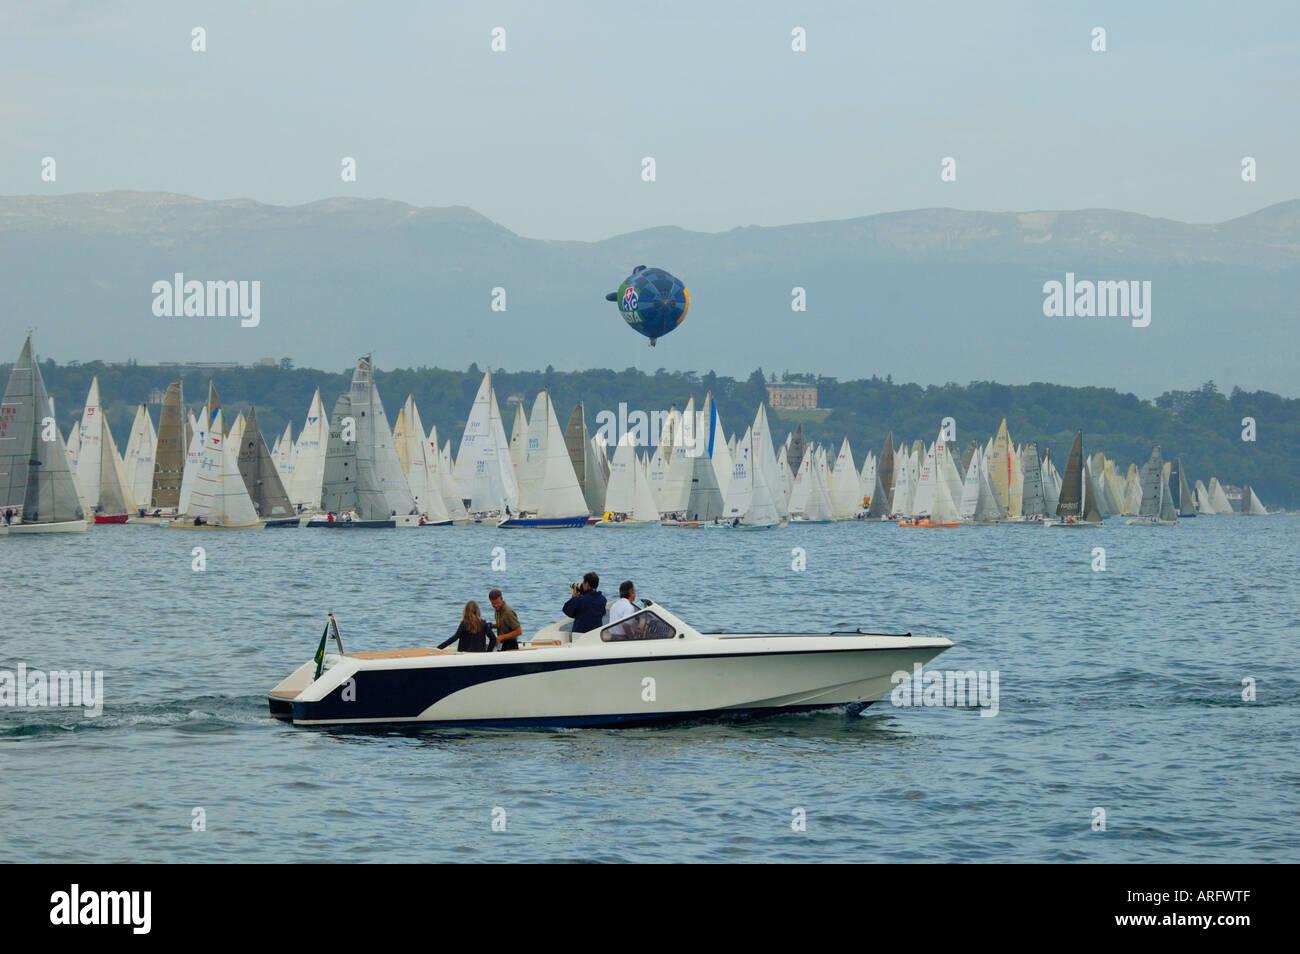 Le bateau officiel au Bol d'Or yacht race, Genève, Suisse, 2006 Photo Stock